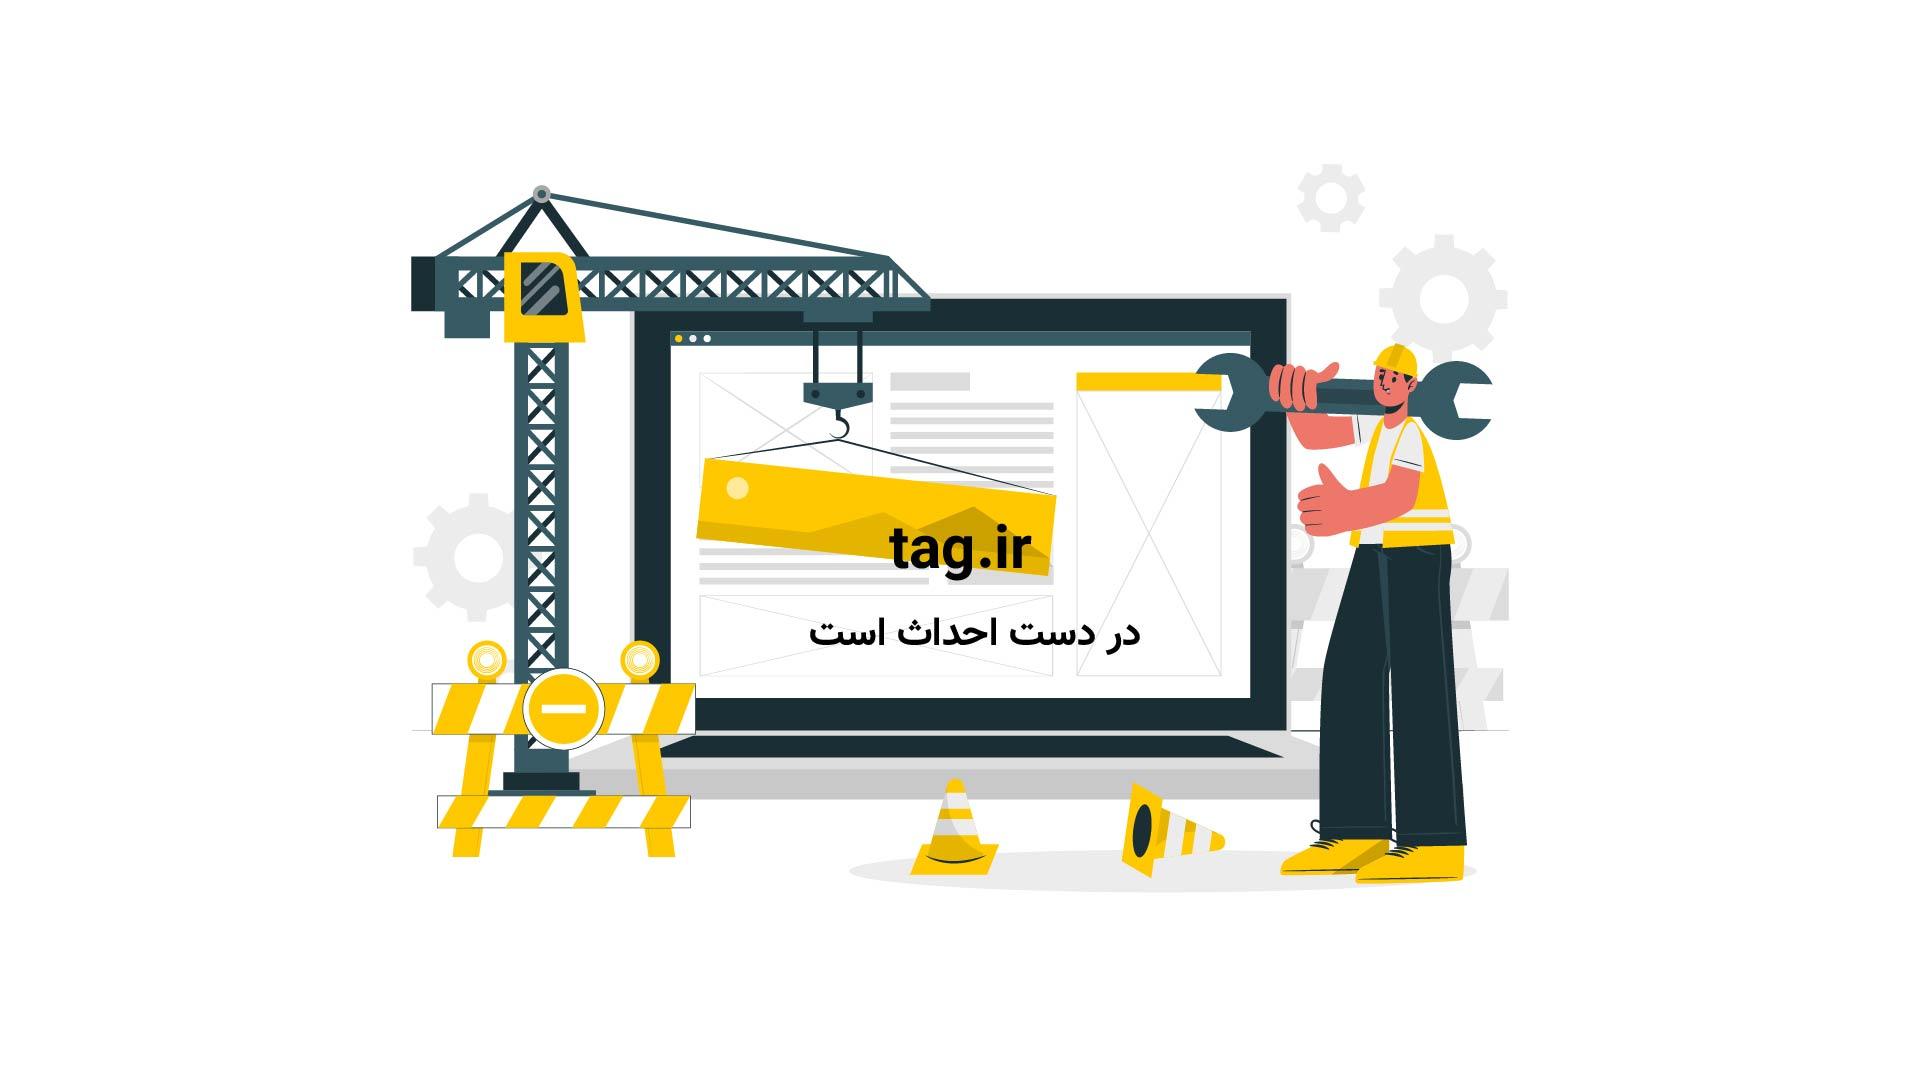 شکار باورنکردنی ماهی توسط حلزون سمی|تگ